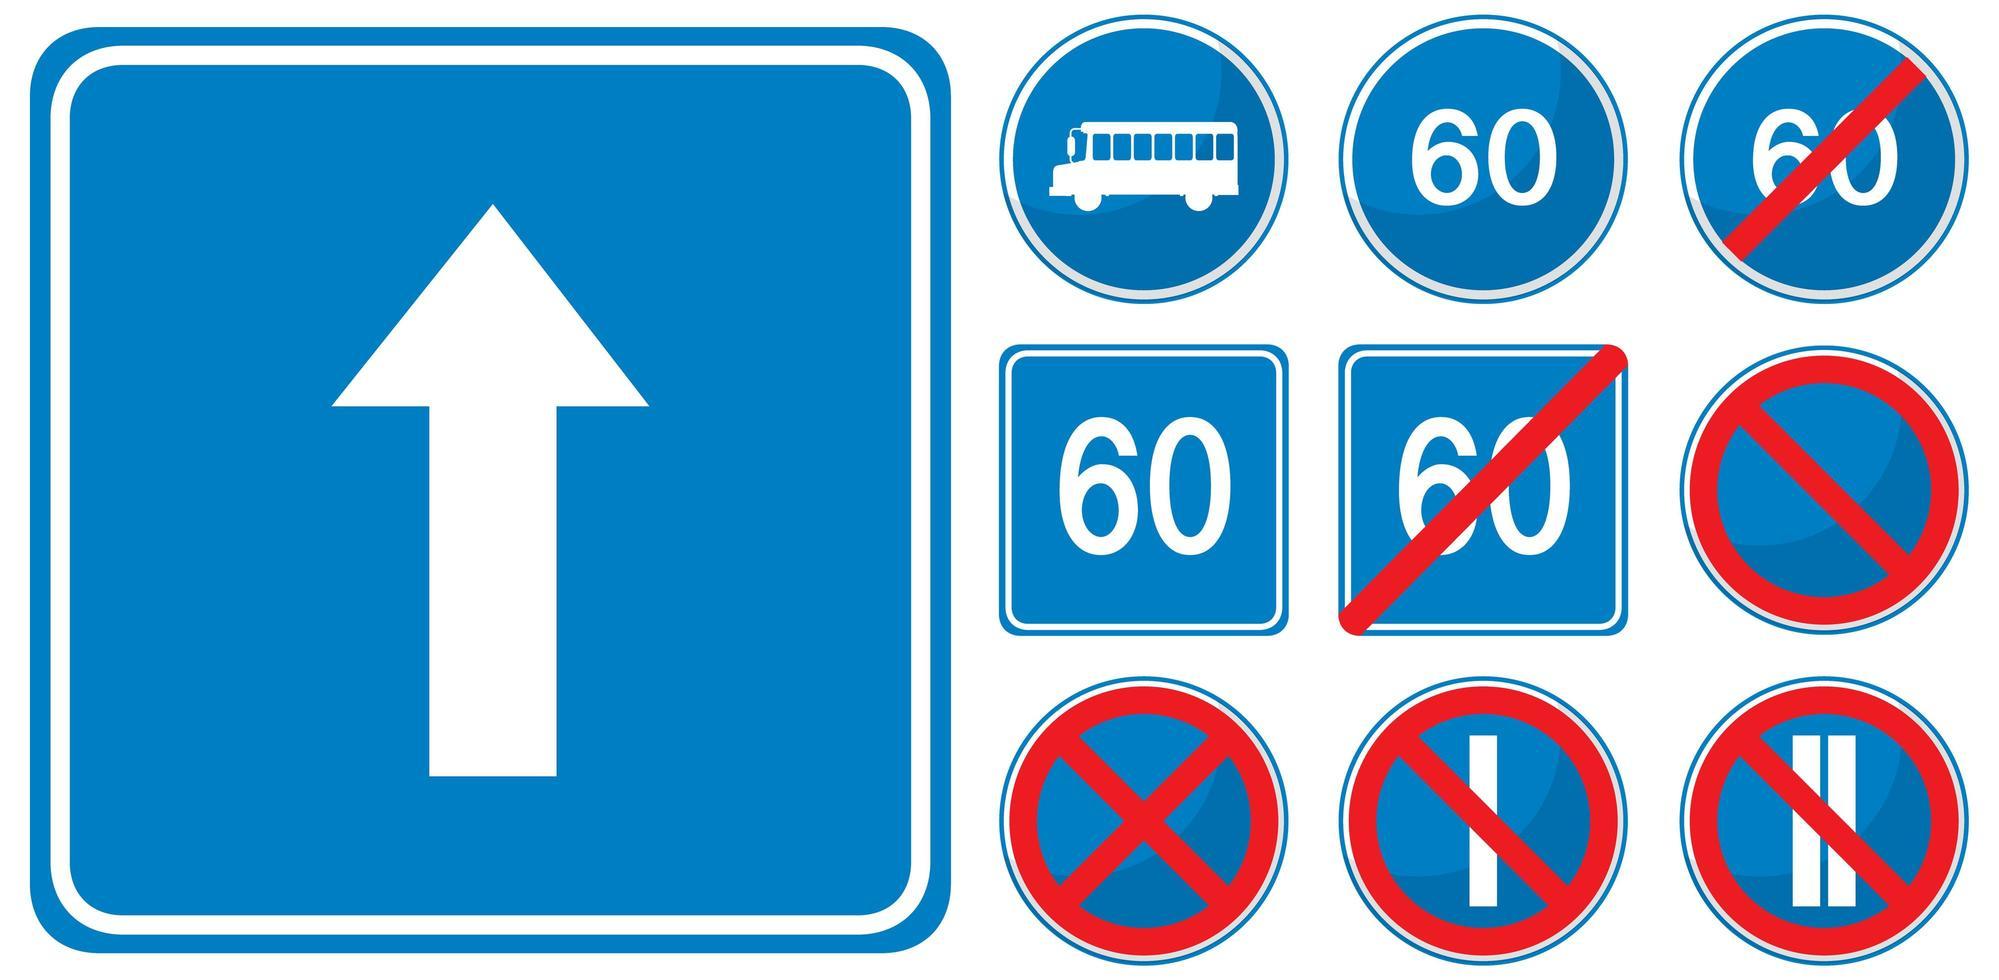 serie di segnaletica stradale blu isolato su sfondo bianco vettore